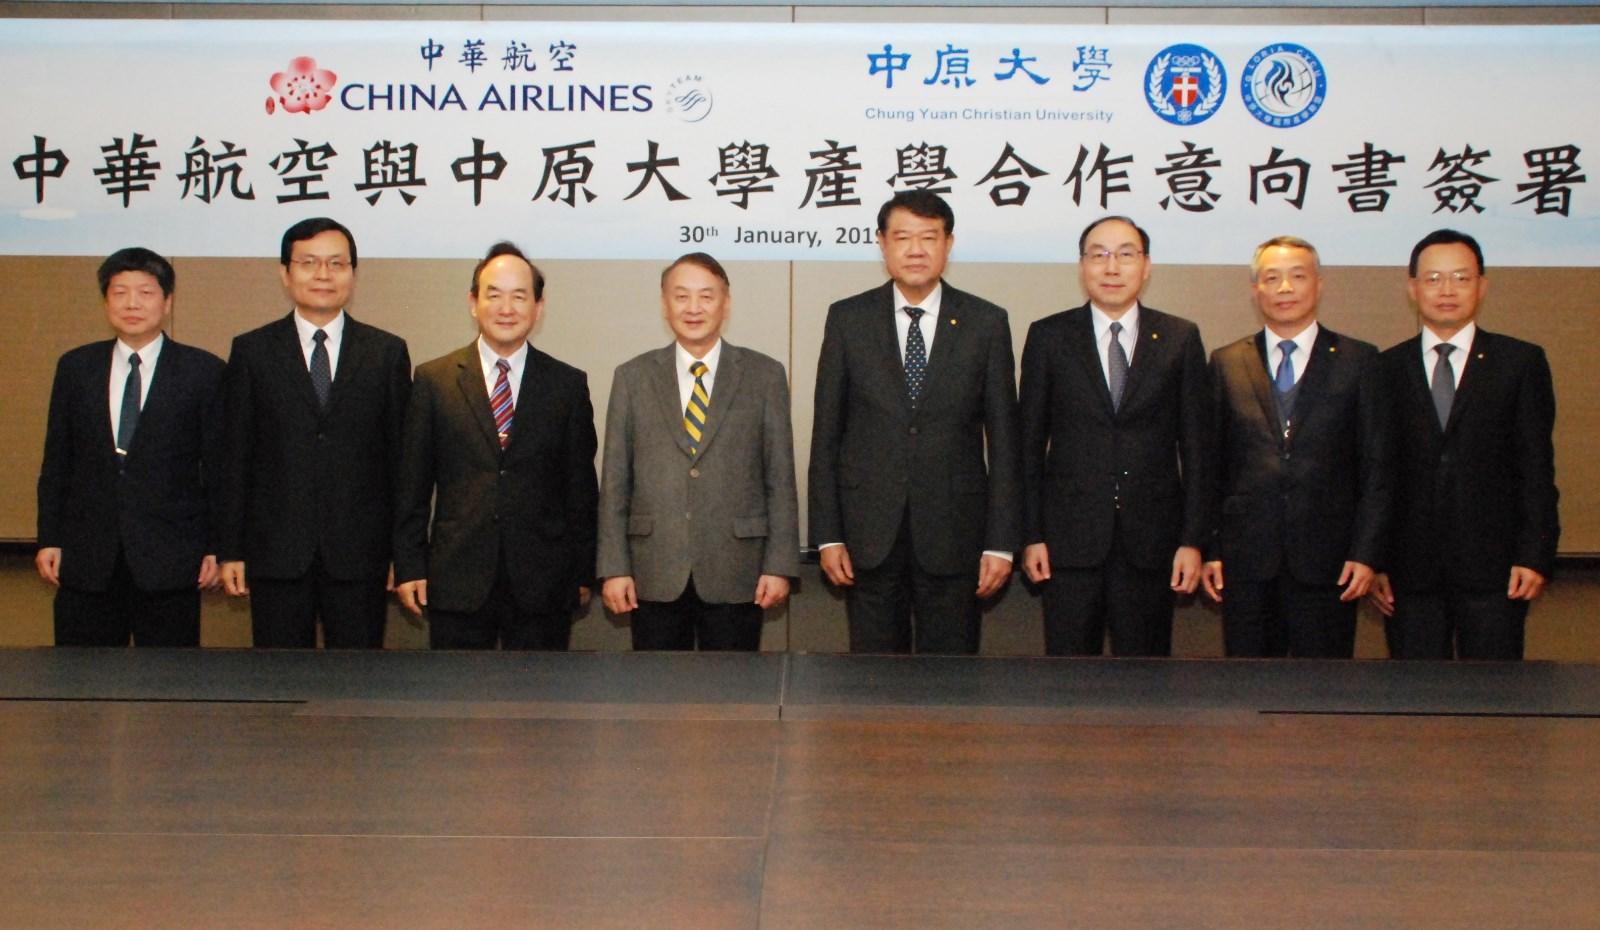 華航與中原大學簽署合作意向書 共同培育航空人才.jpg